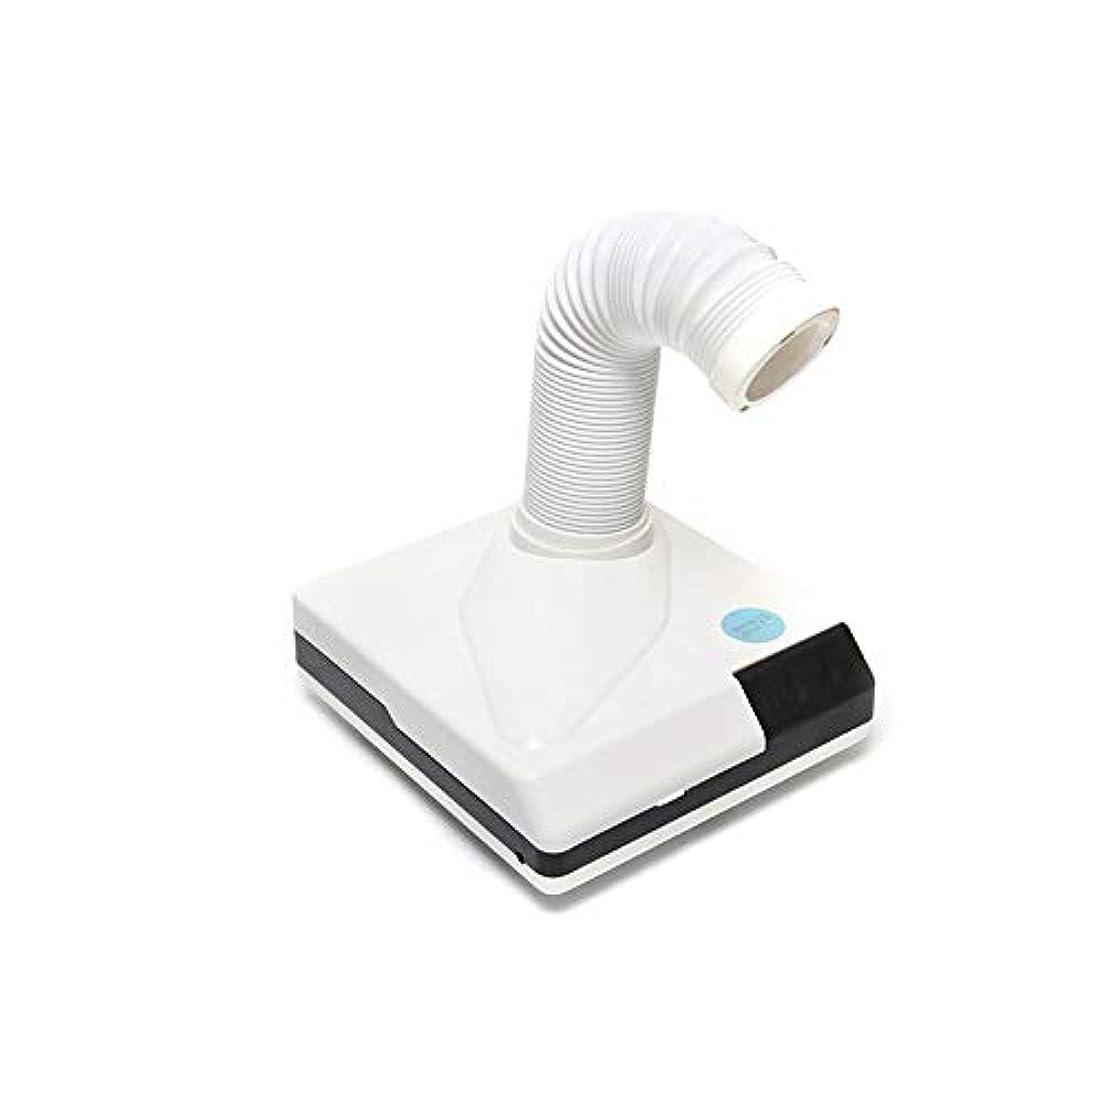 苦悩始まり発言する60W 強い力 爪 集塵機 吸引 ほこり 掃除機 リトラクタブル 肘 設計 ために アートマニキュア 掃除 アートツール (Color : White)